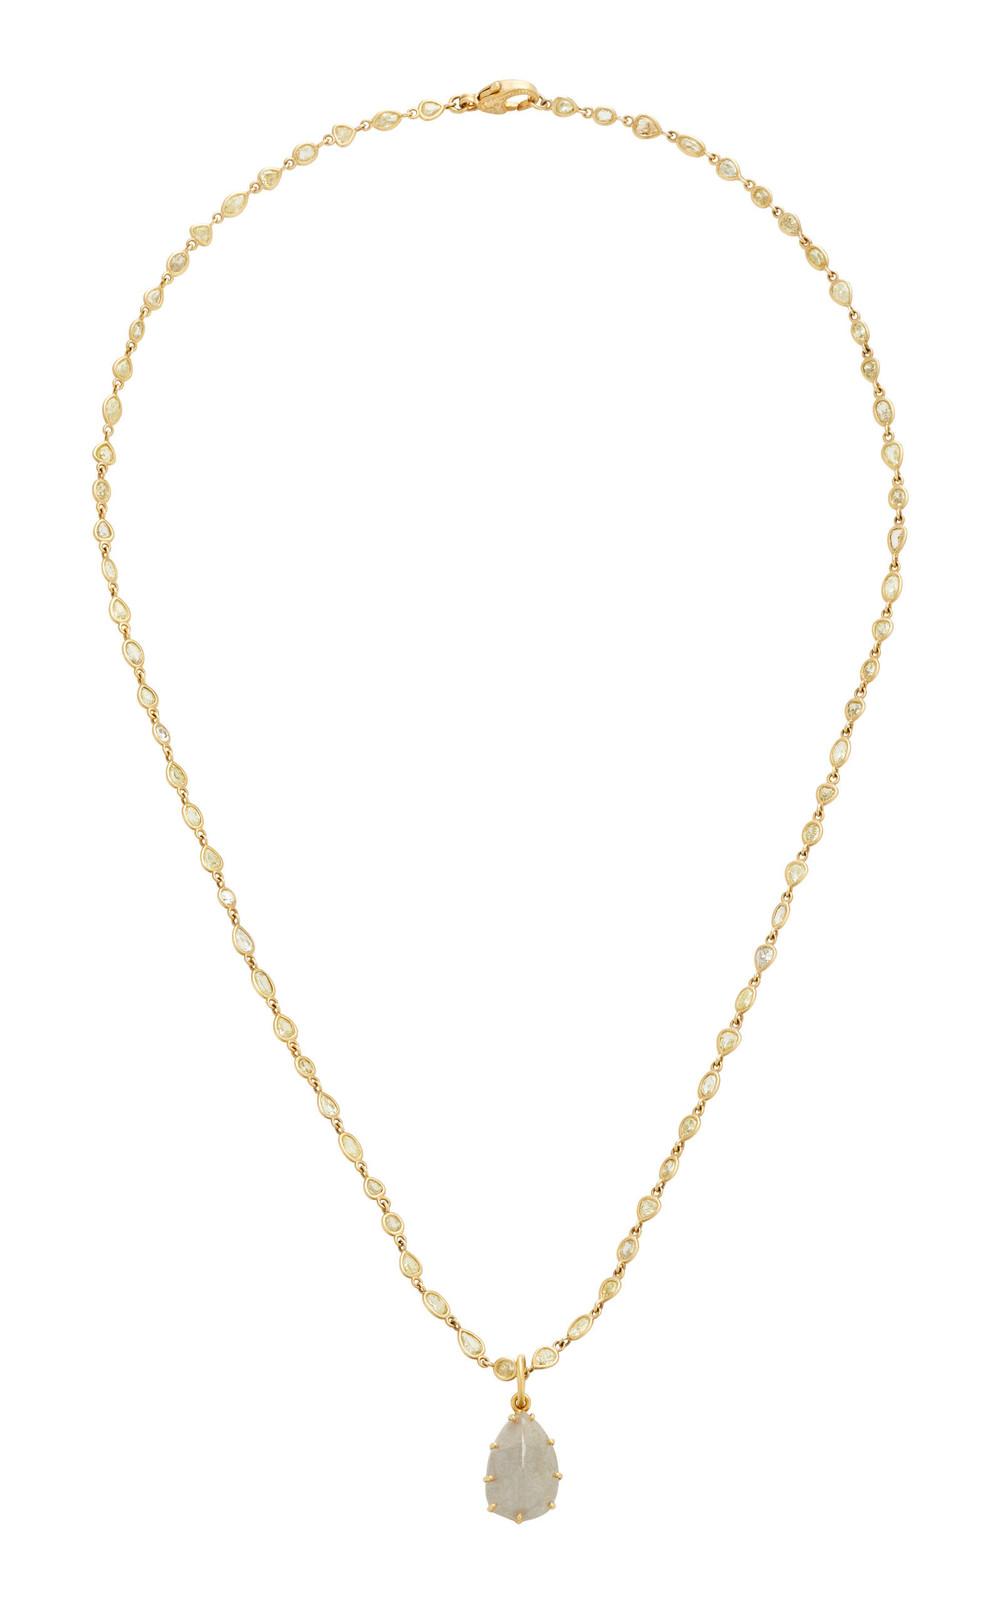 Sylva & Cie 18K Gold Diamond Necklace in grey